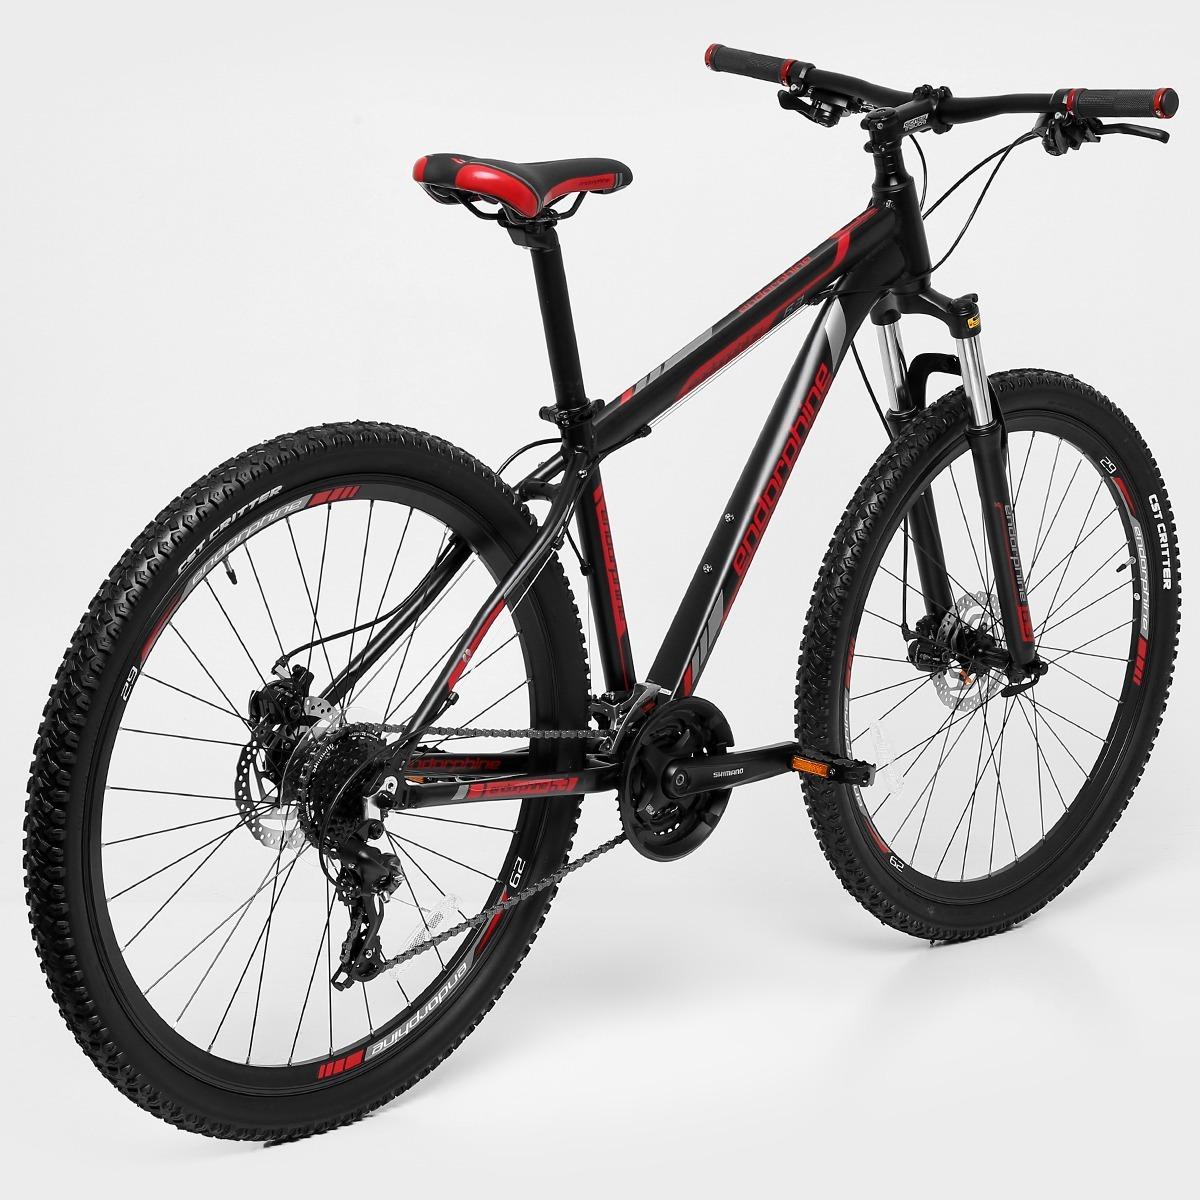 f6933a3d8 Bicicleta Aro 29 Mountain Bike Gonew Endorphine 6.3 - 24 Mar - R ...